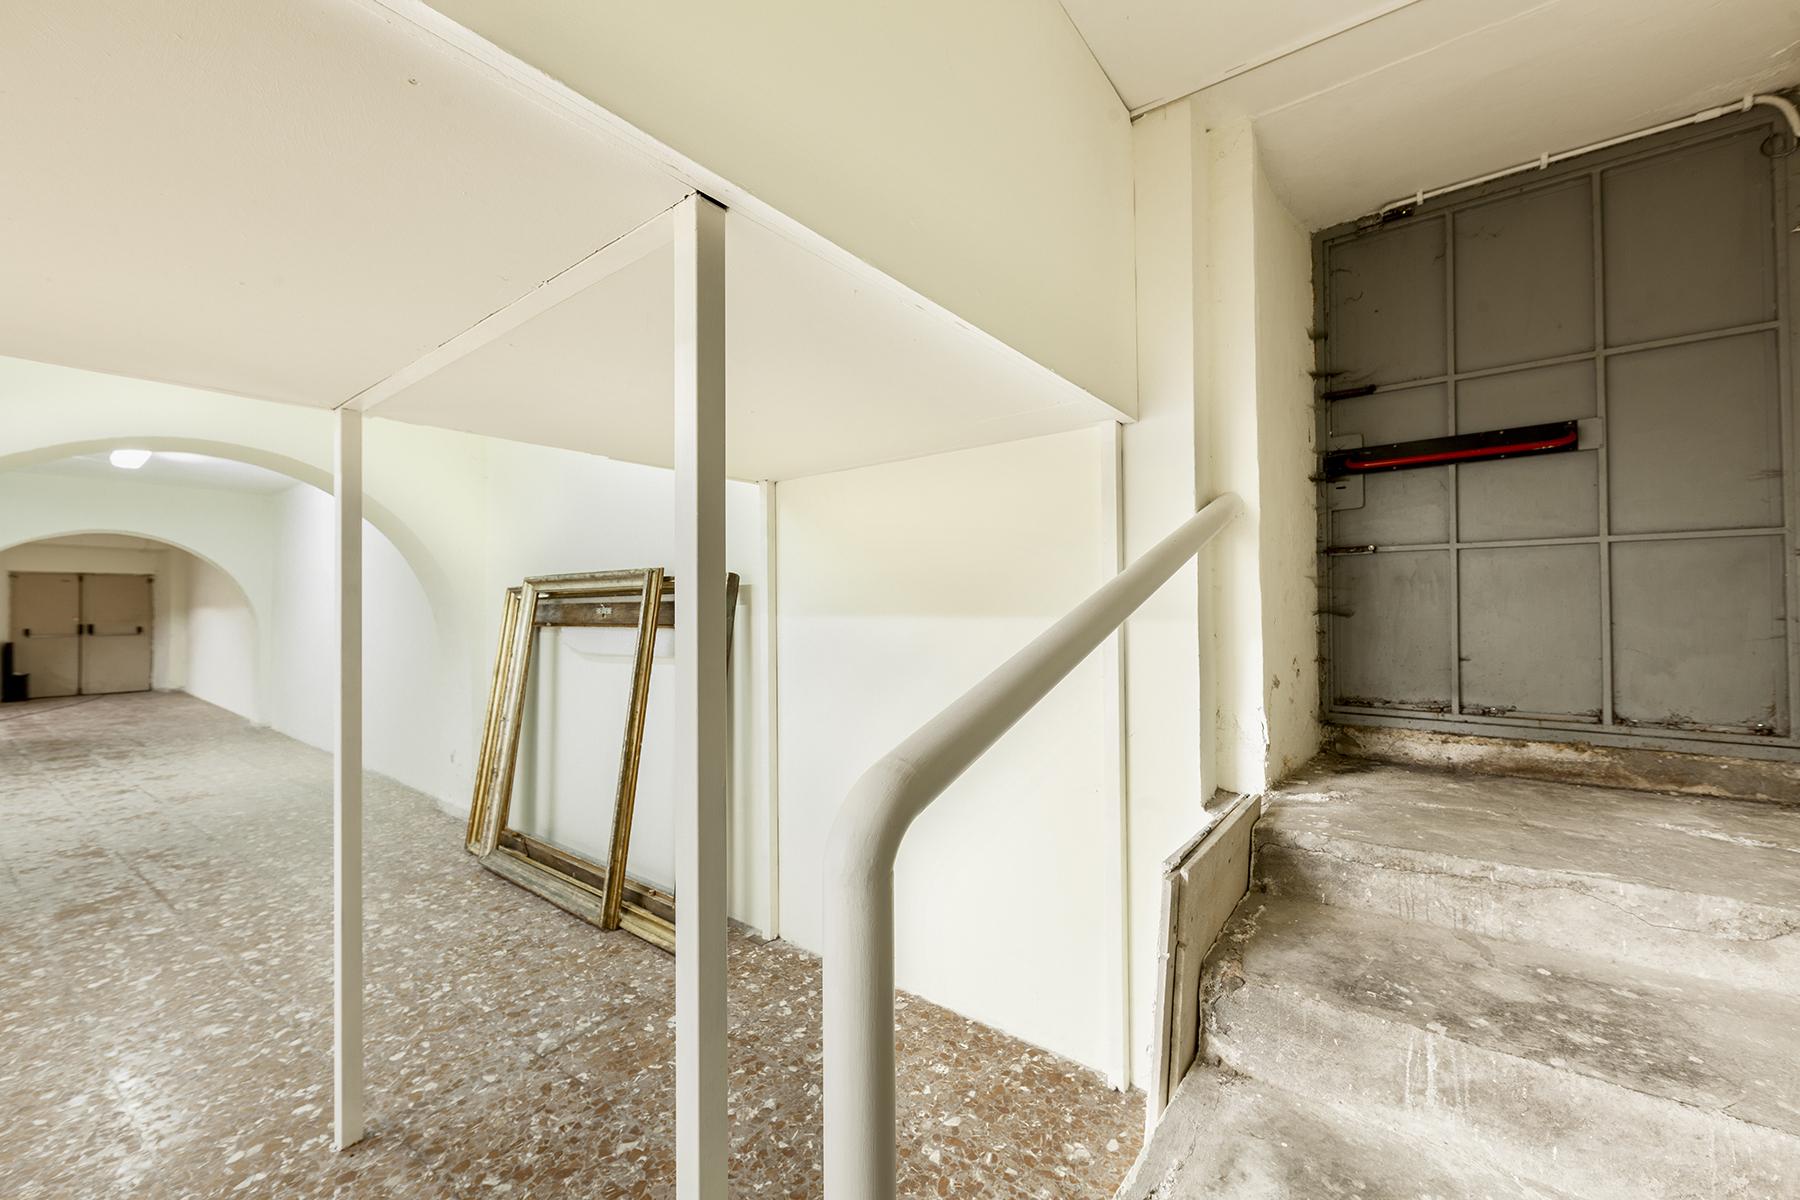 Ufficio-studio in Vendita a Roma: 5 locali, 772 mq - Foto 8